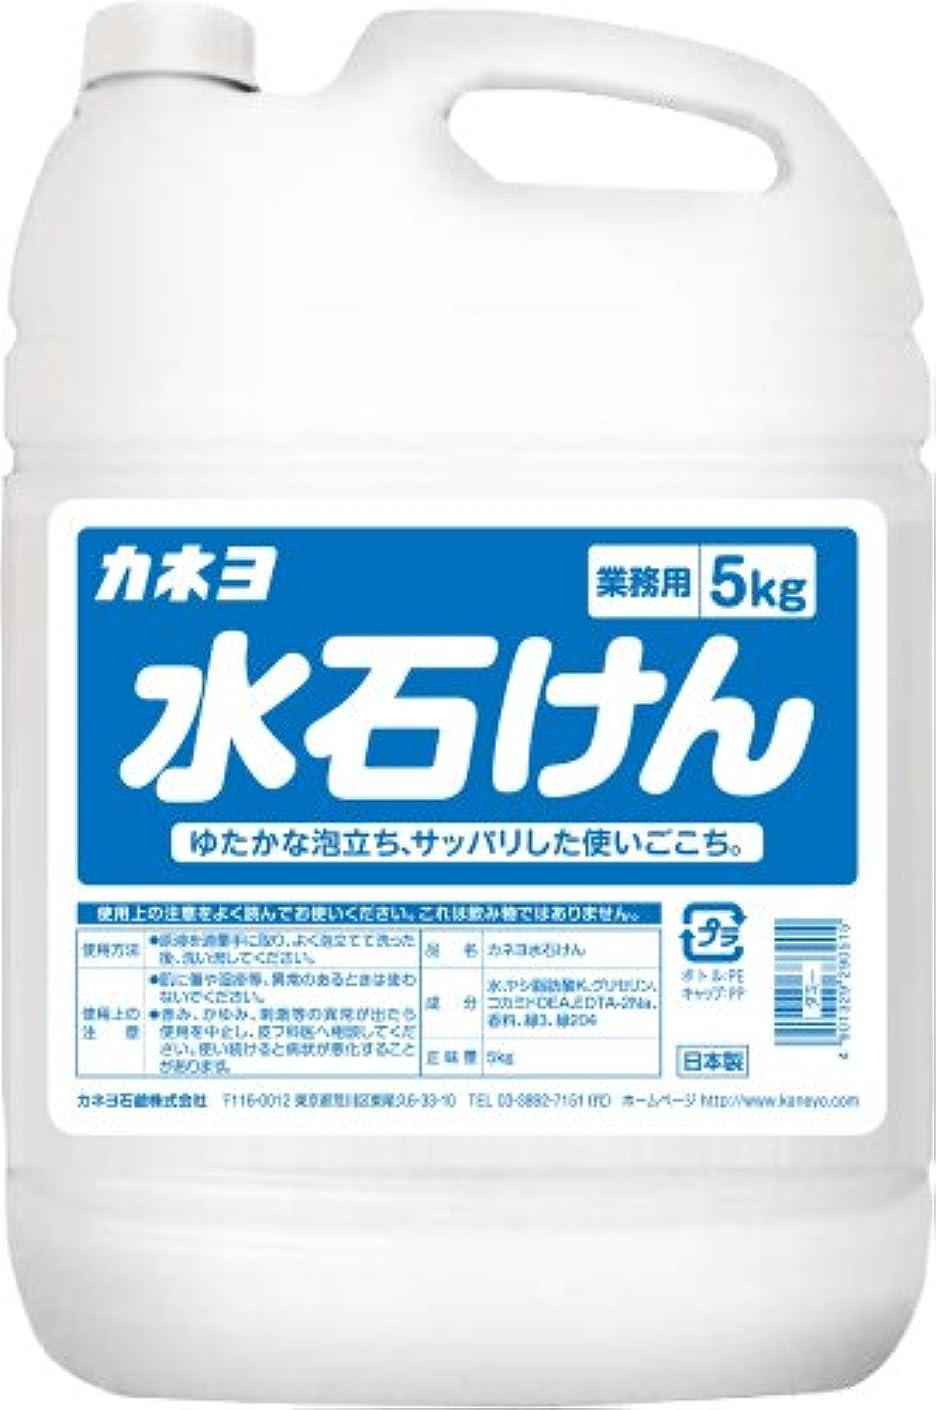 旋回軍艦影のある【大容量】 カネヨ石鹸 ハンドソープ 水石けん 液体 業務用 5kg